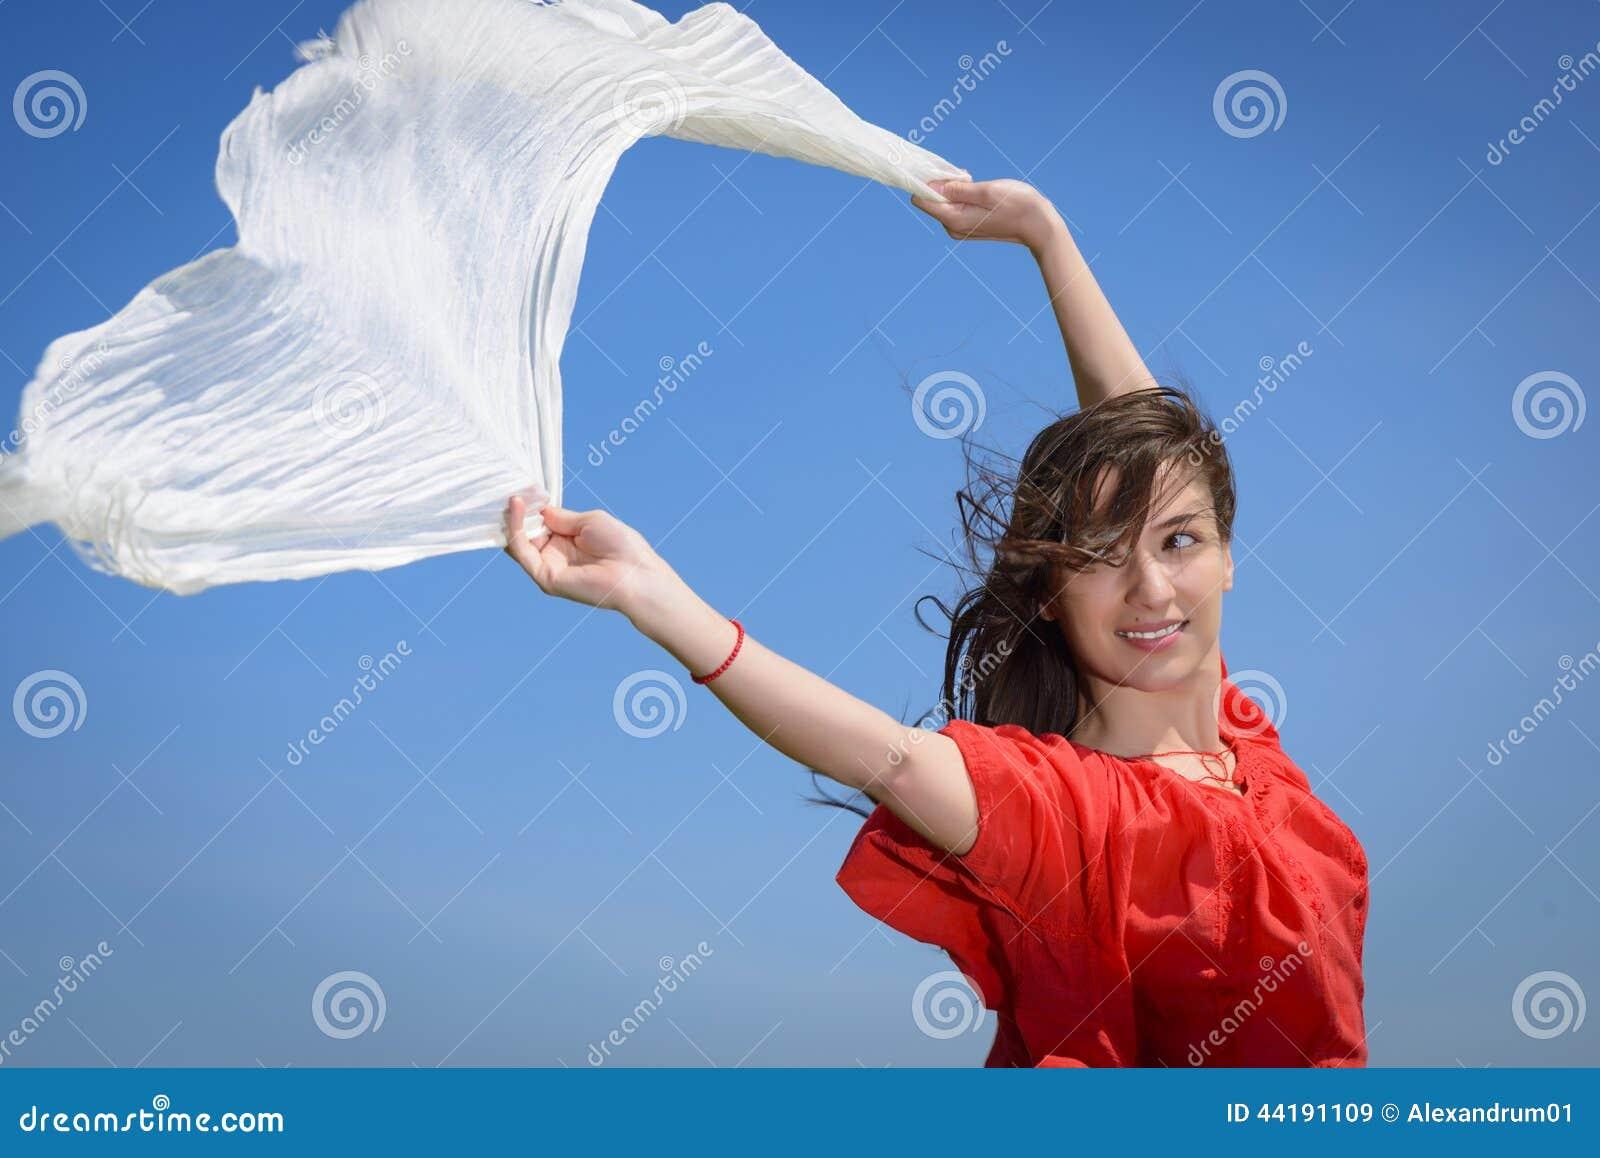 Szczęśliwa młoda kobieta trzyma białego szalika z rozpieczętowanymi rękami wyraża wolność, plenerowy strzał przeciw niebieskiemu